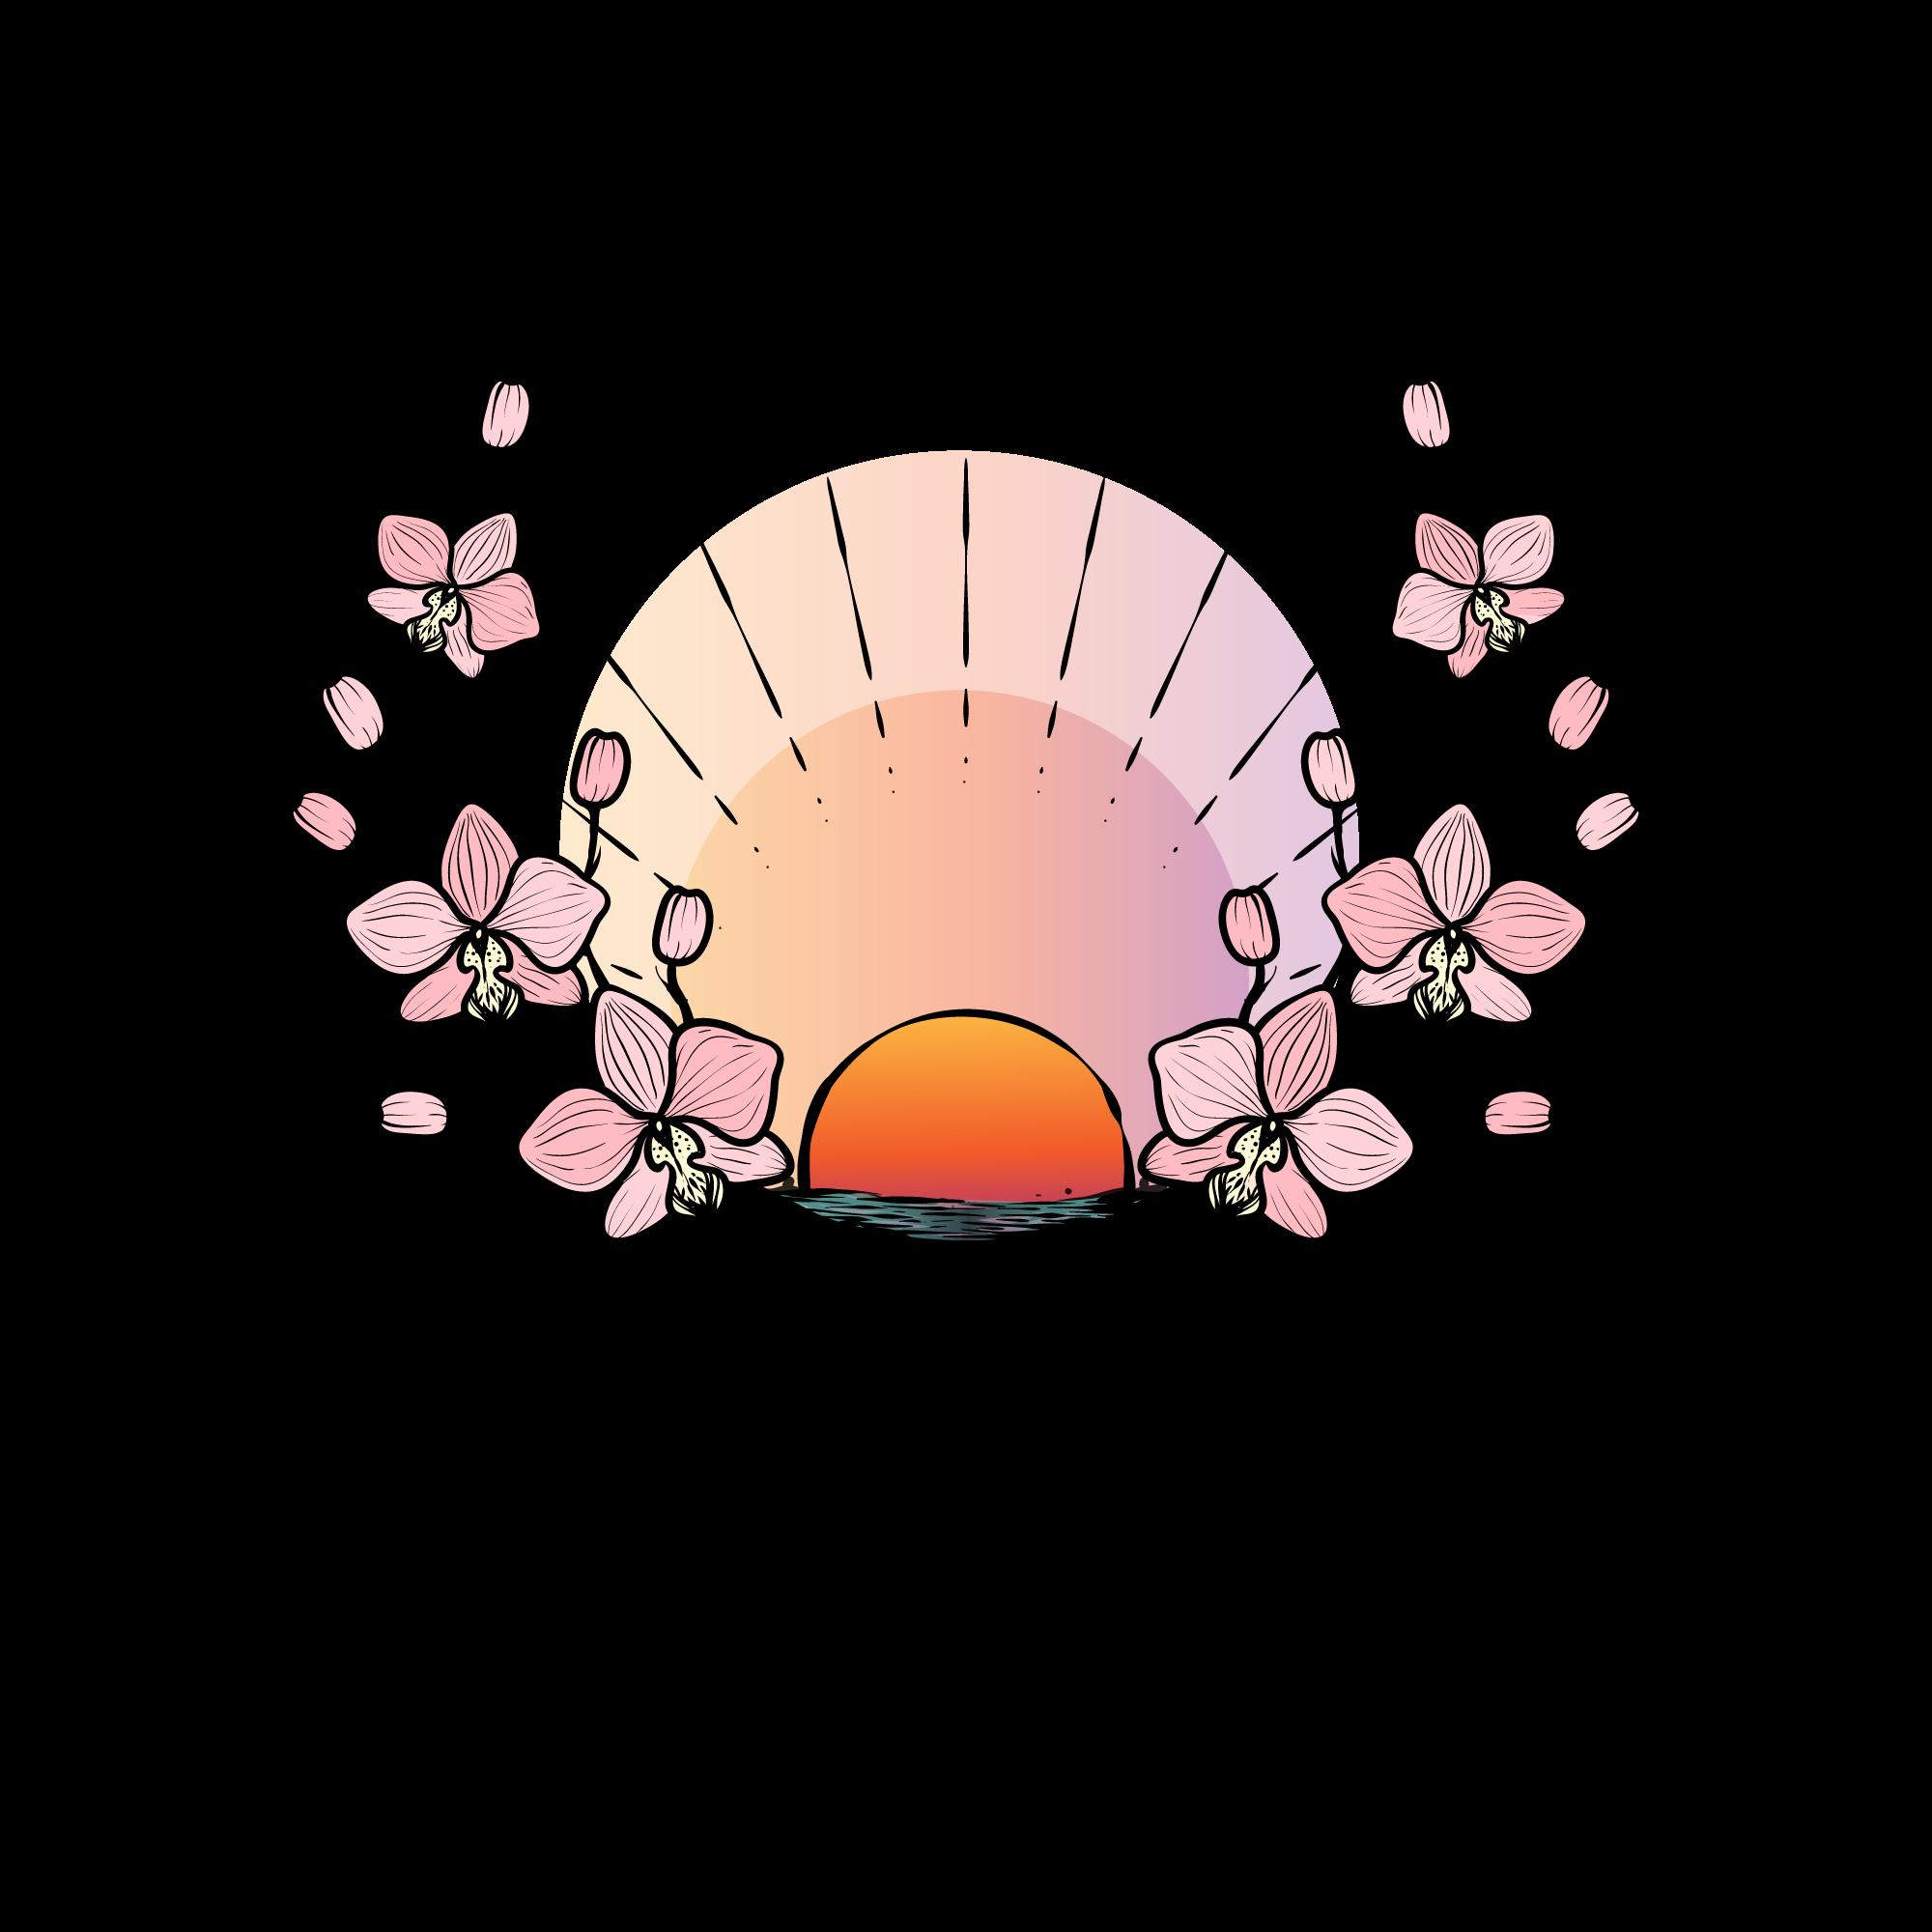 logo inspiration d'un jour